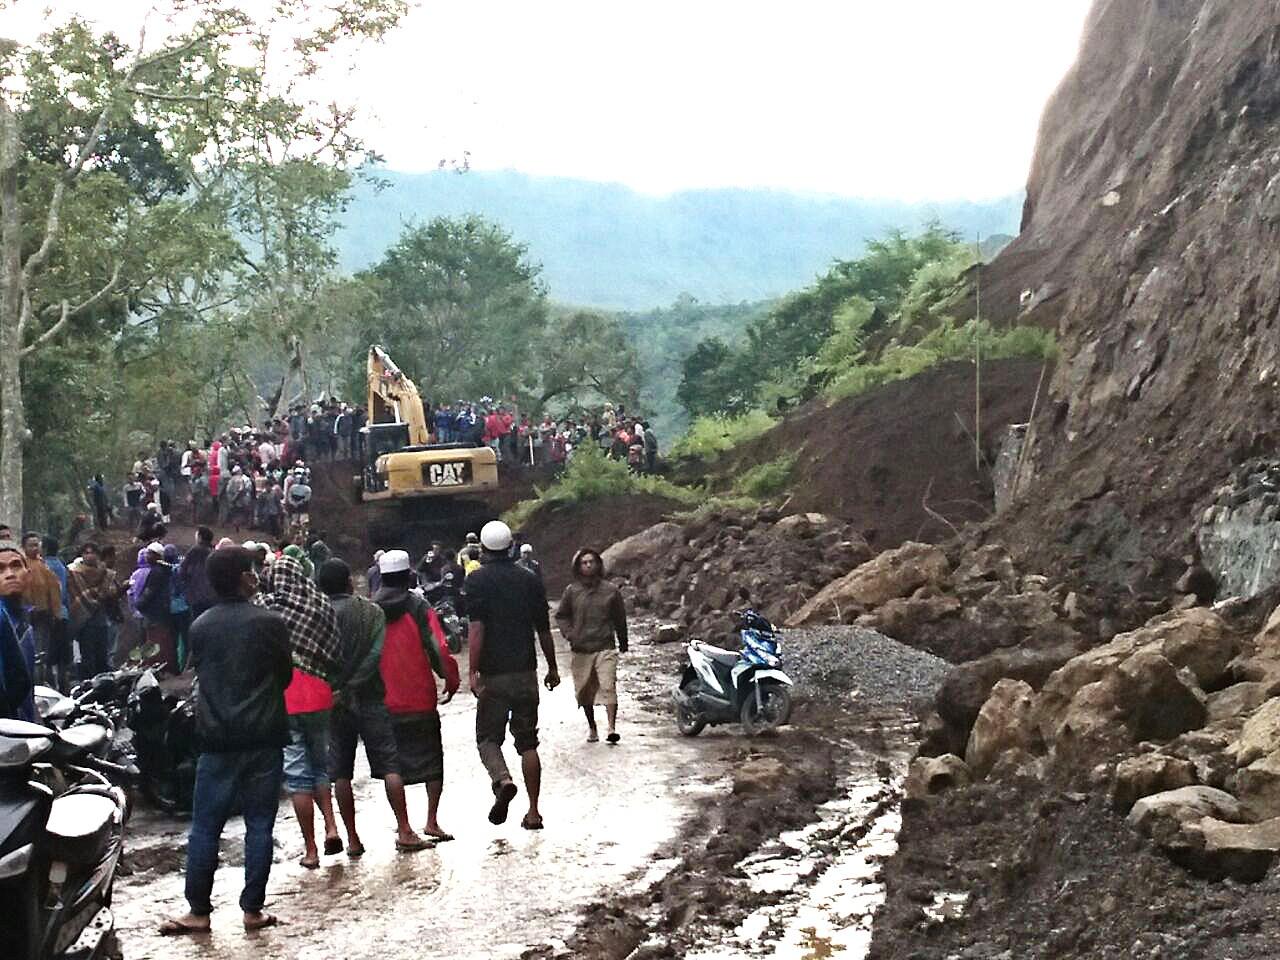 One killed after landslide hits Lombok tourist area